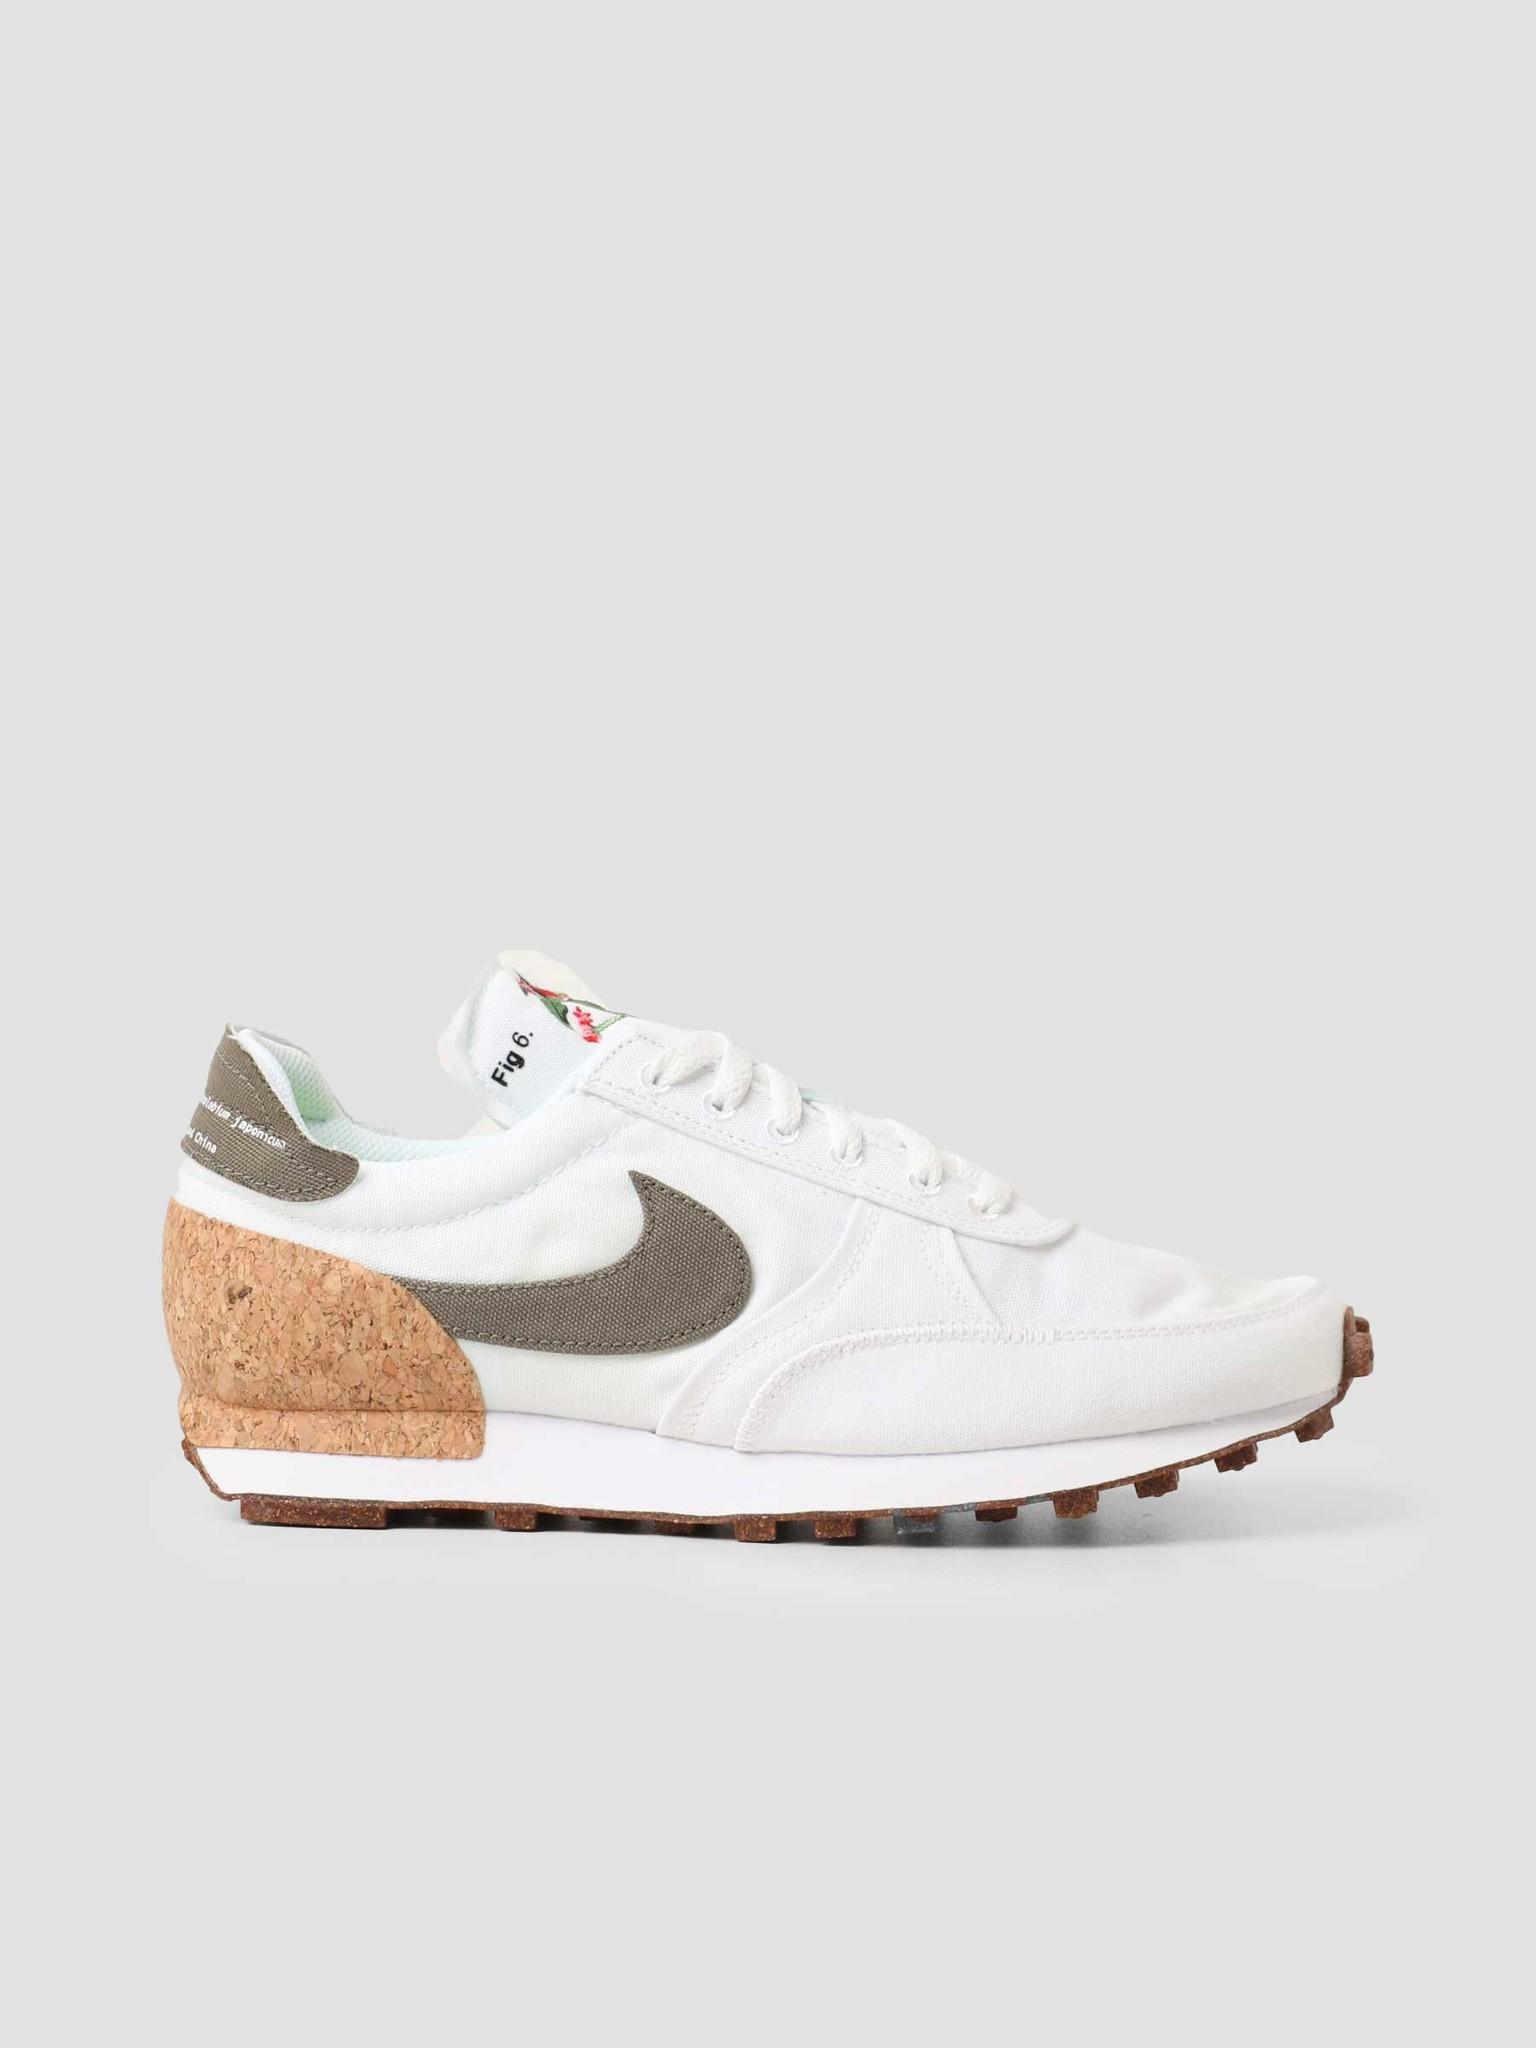 Nike Nike Nike Dbreak-Type White Galactic Jade White Volt CZ9926-100